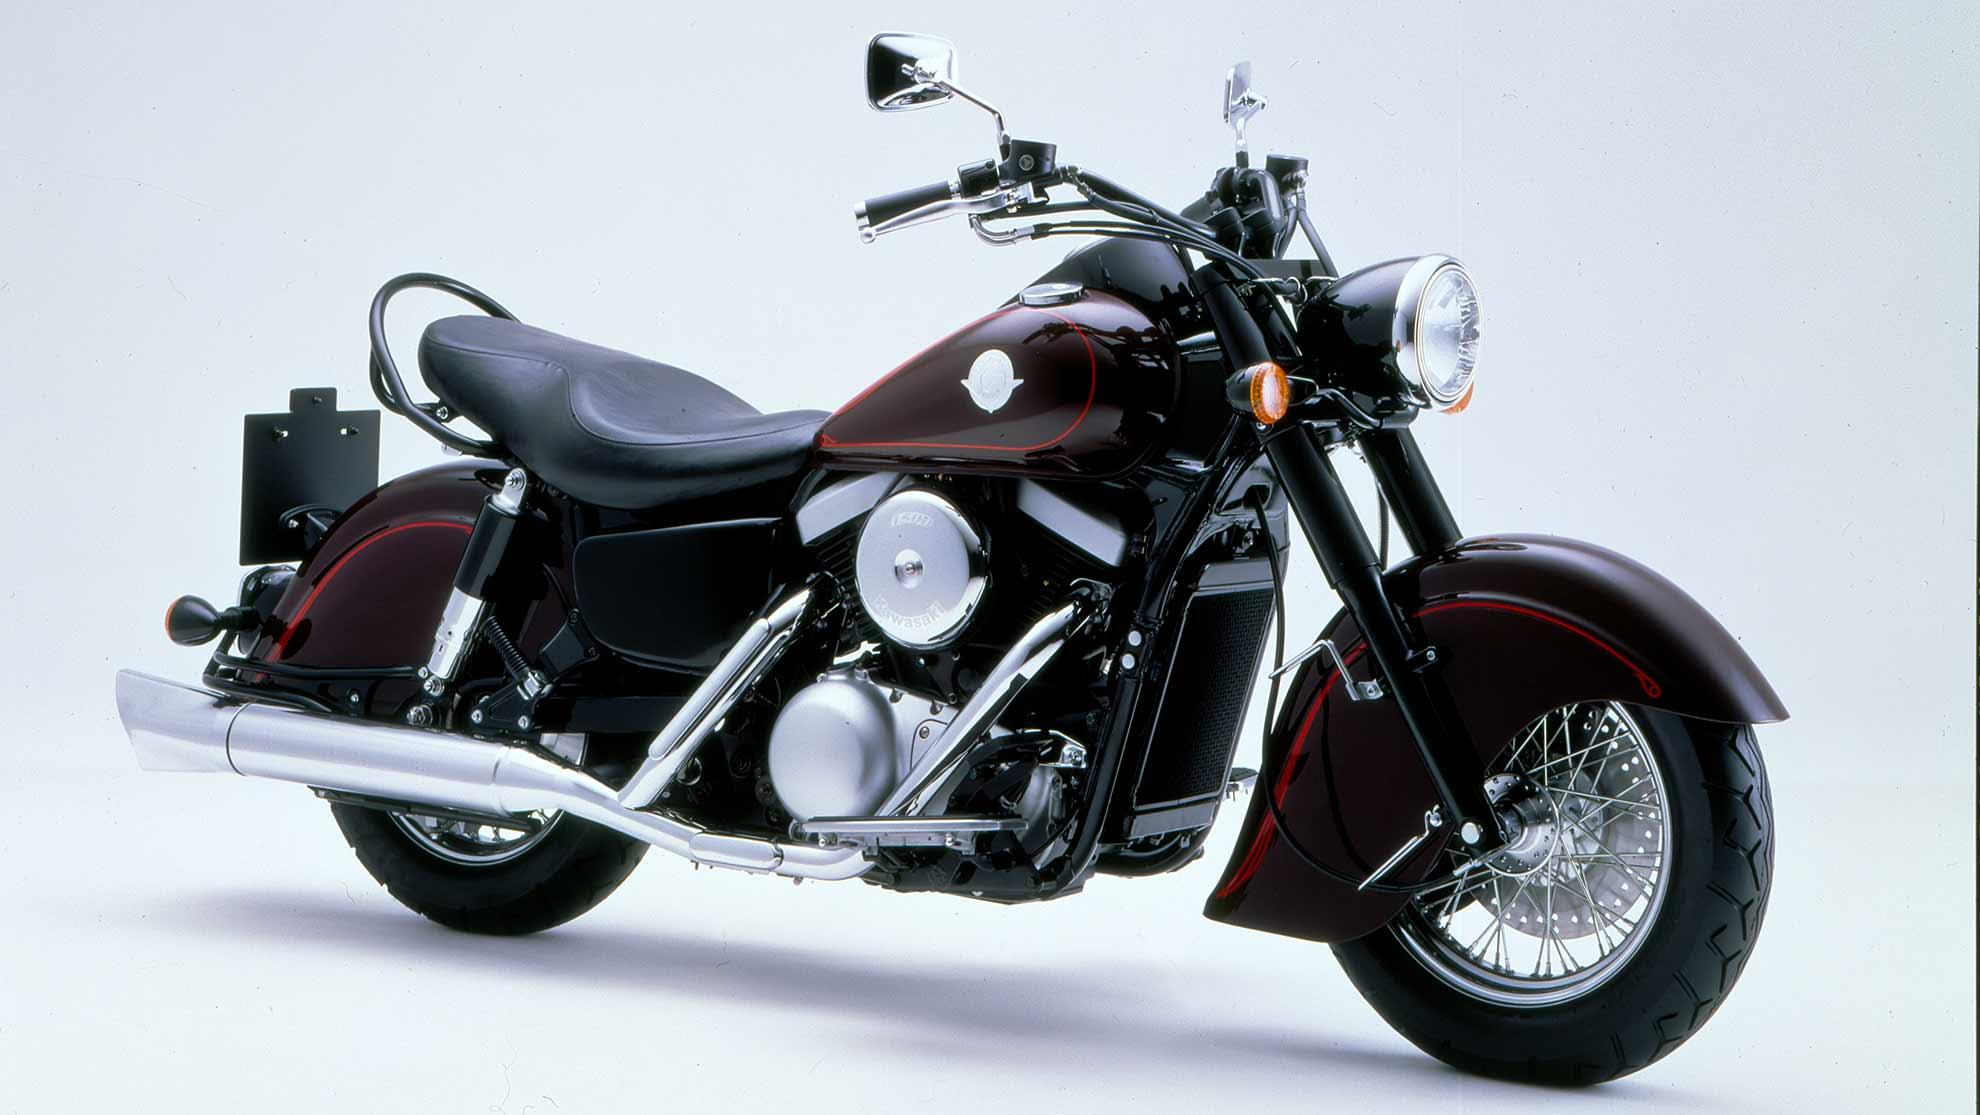 1999-k-gross--VN1500-Drifter-9,5x12-cm-Dia-Standbild-1999